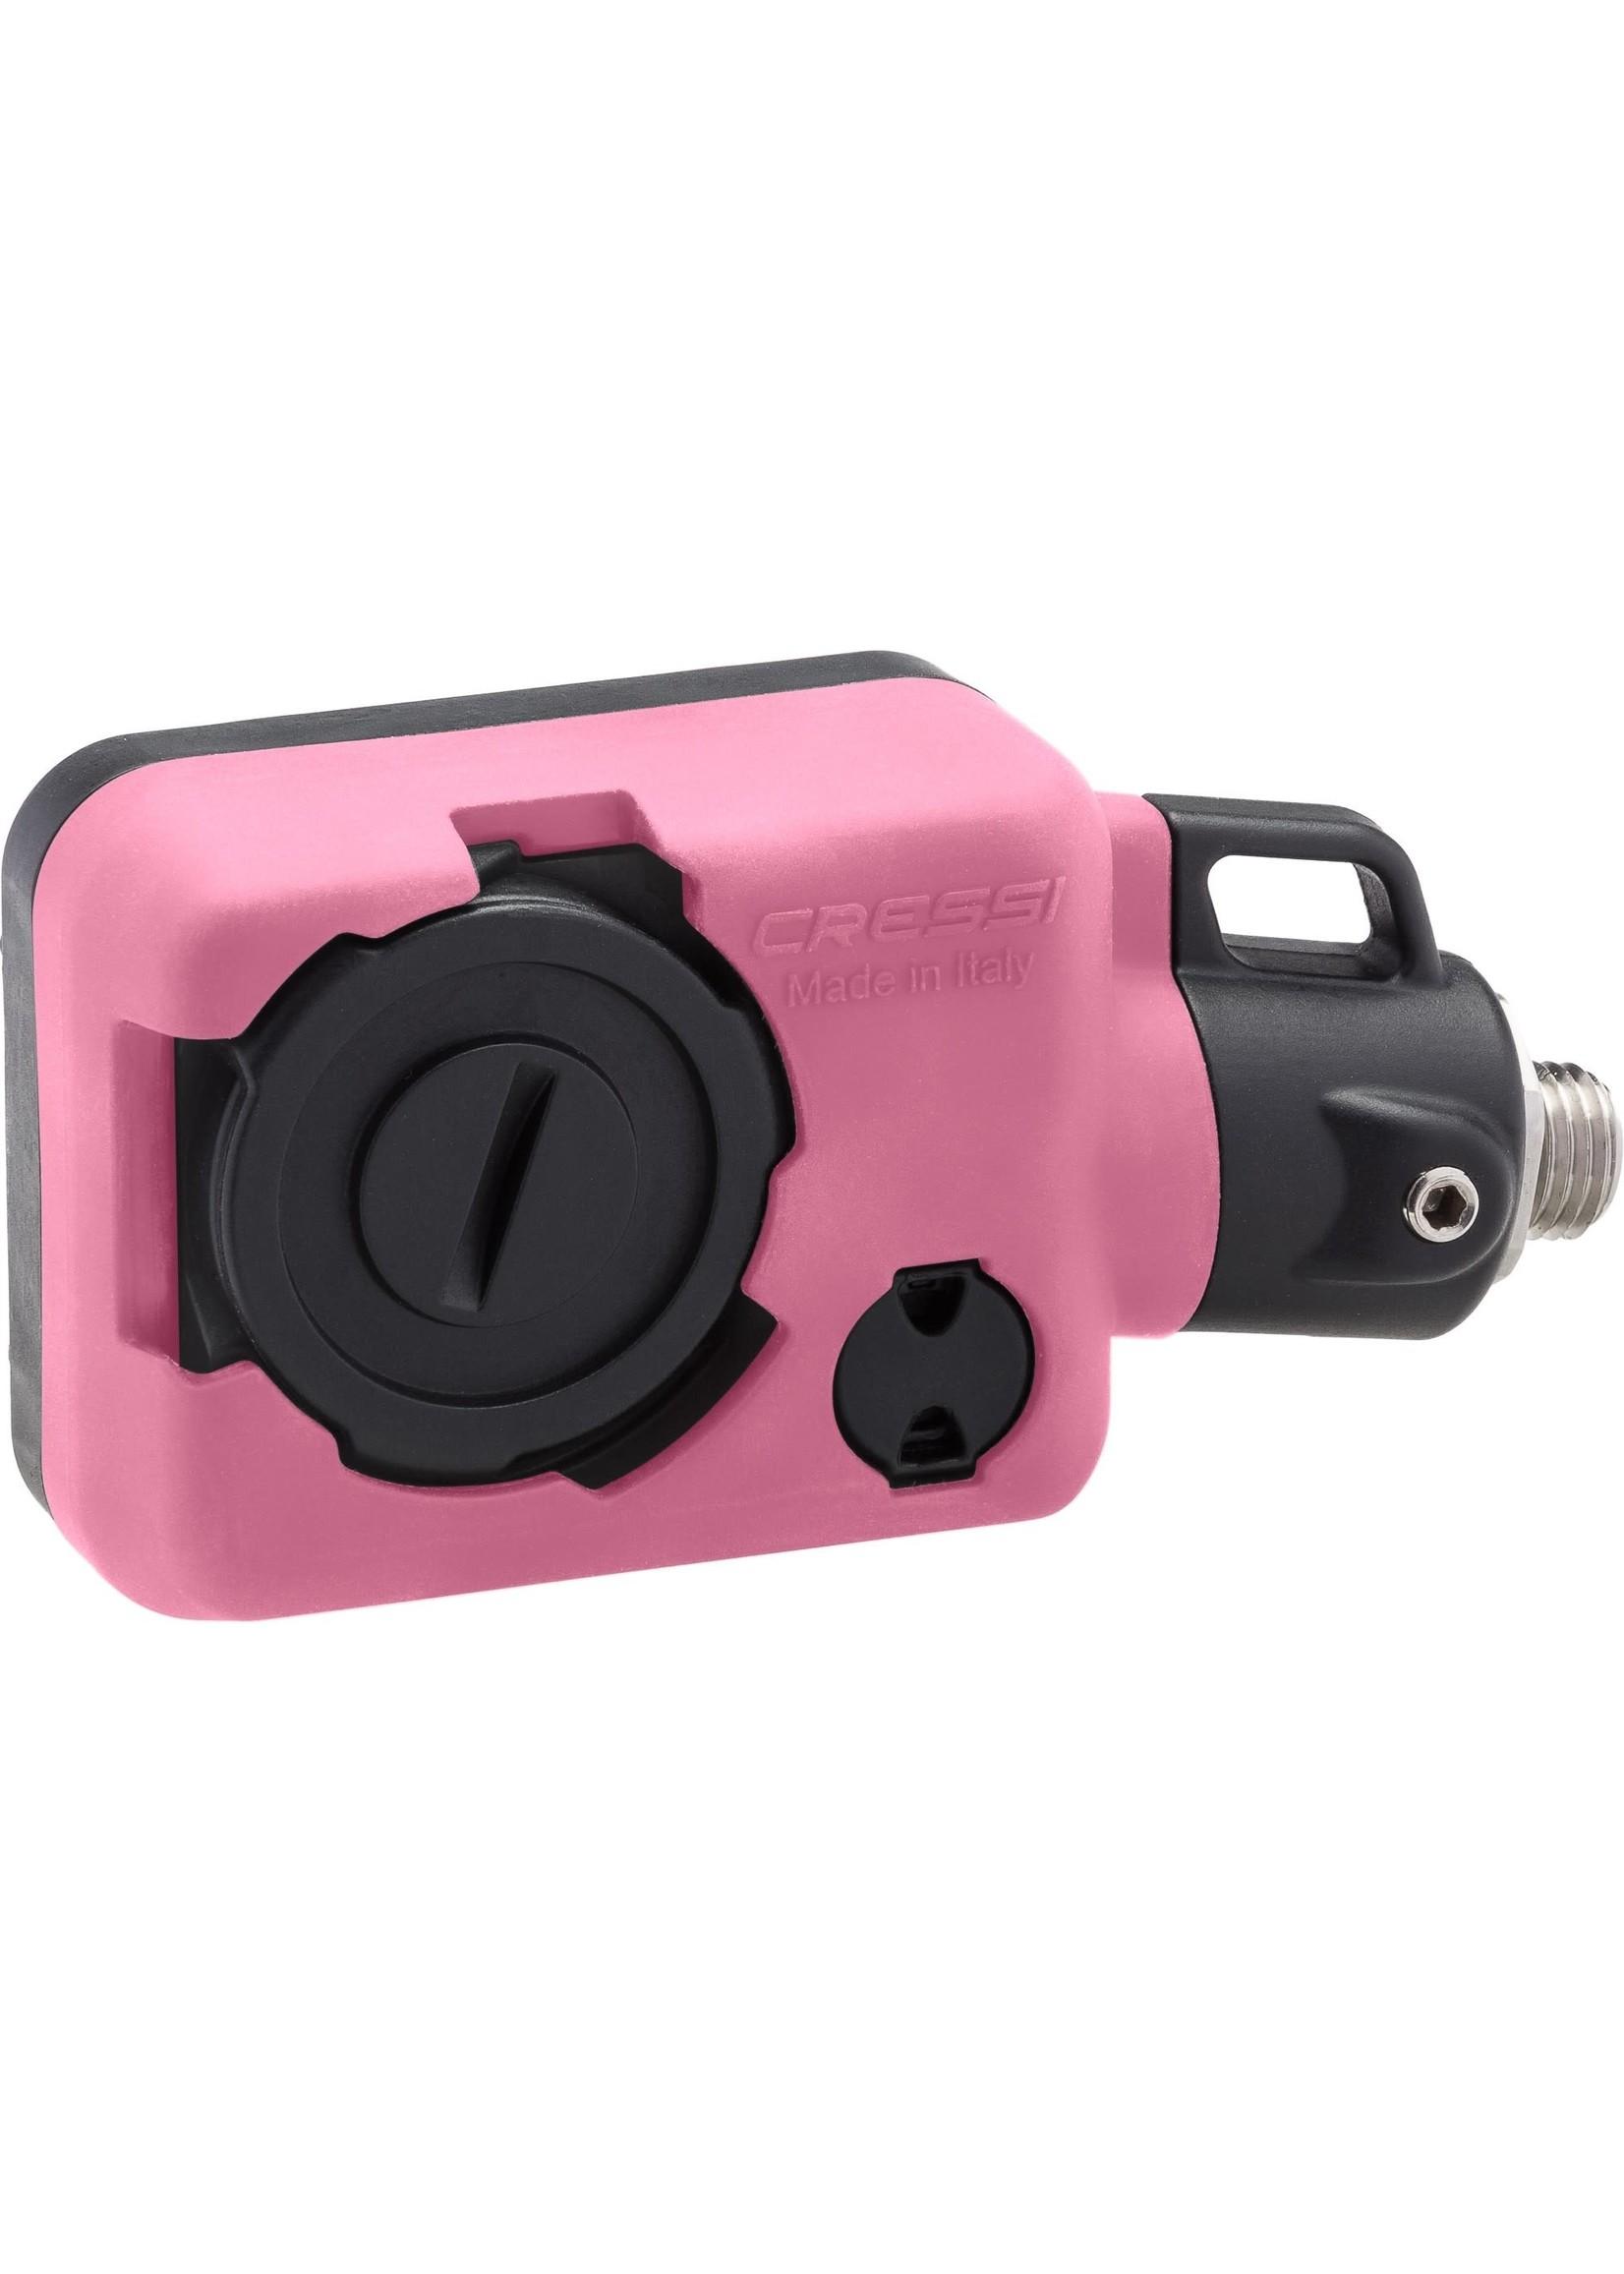 Cressi Cressi DIGI 2 - Pink